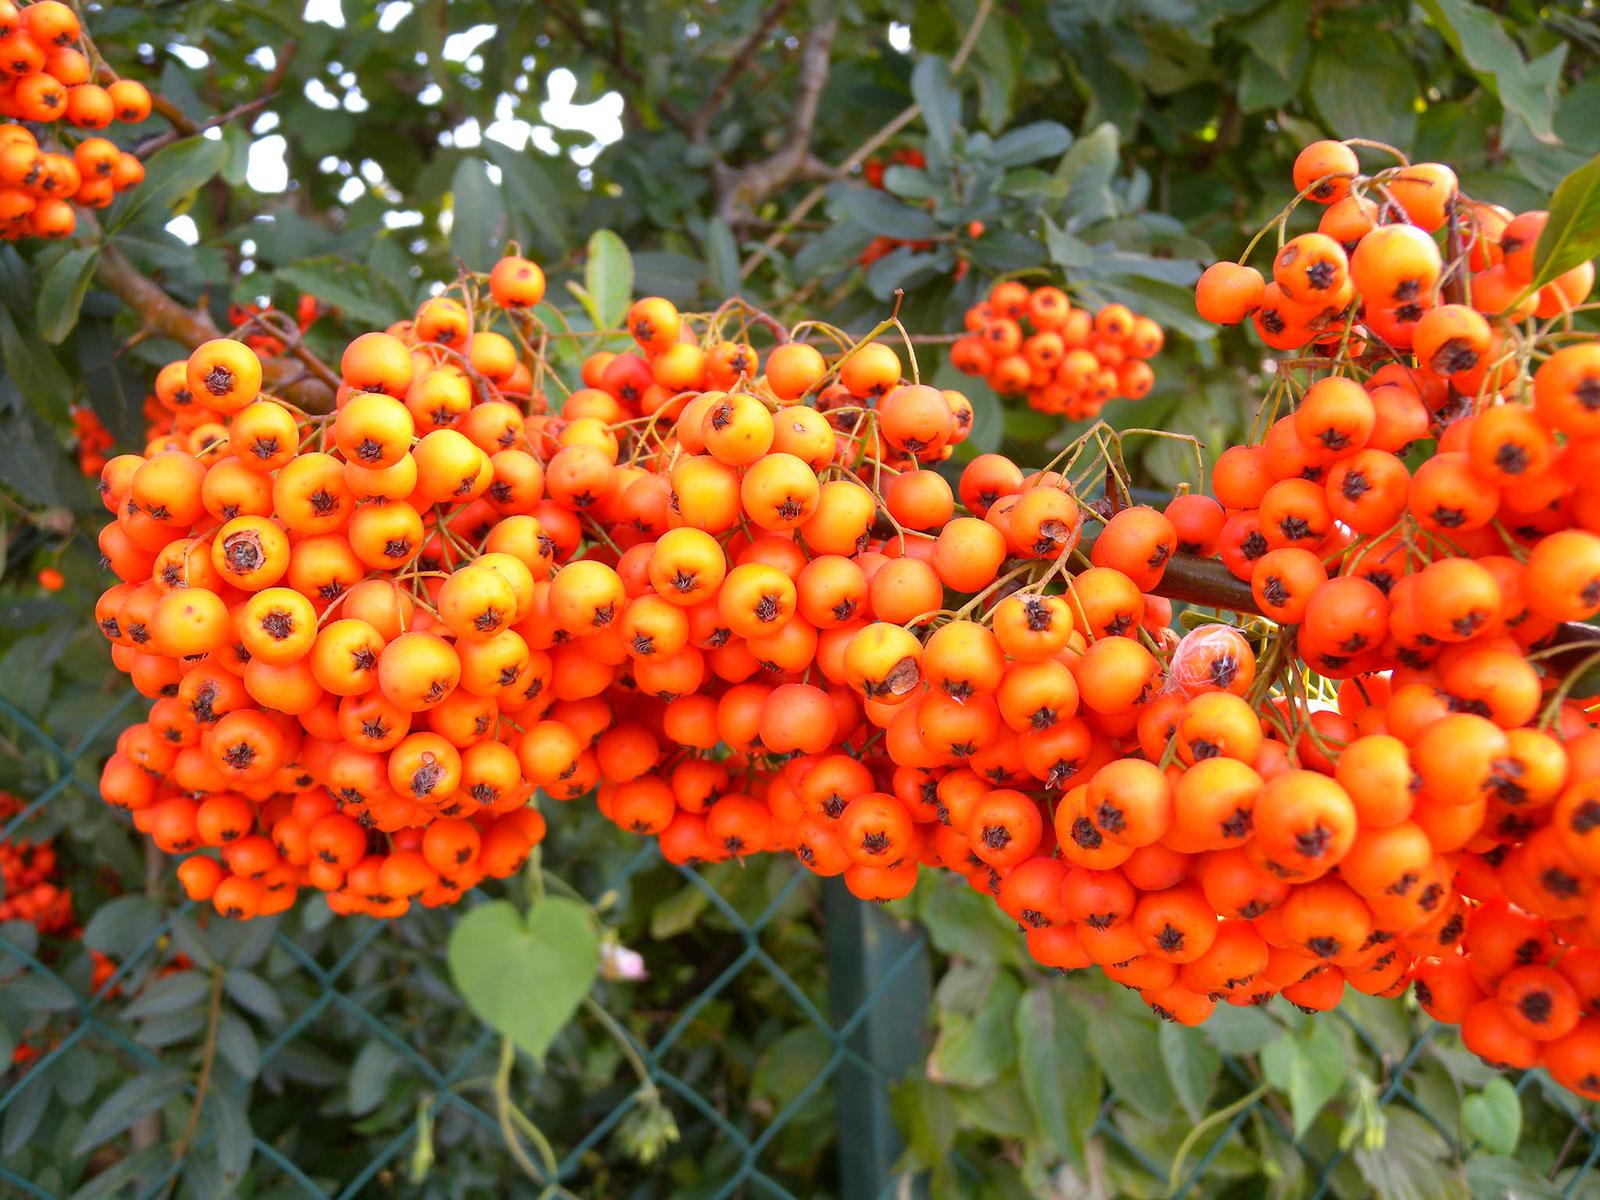 Buisson Ardent - Fruits en cours de maturation. Crédits : Tauralbus - Flickr